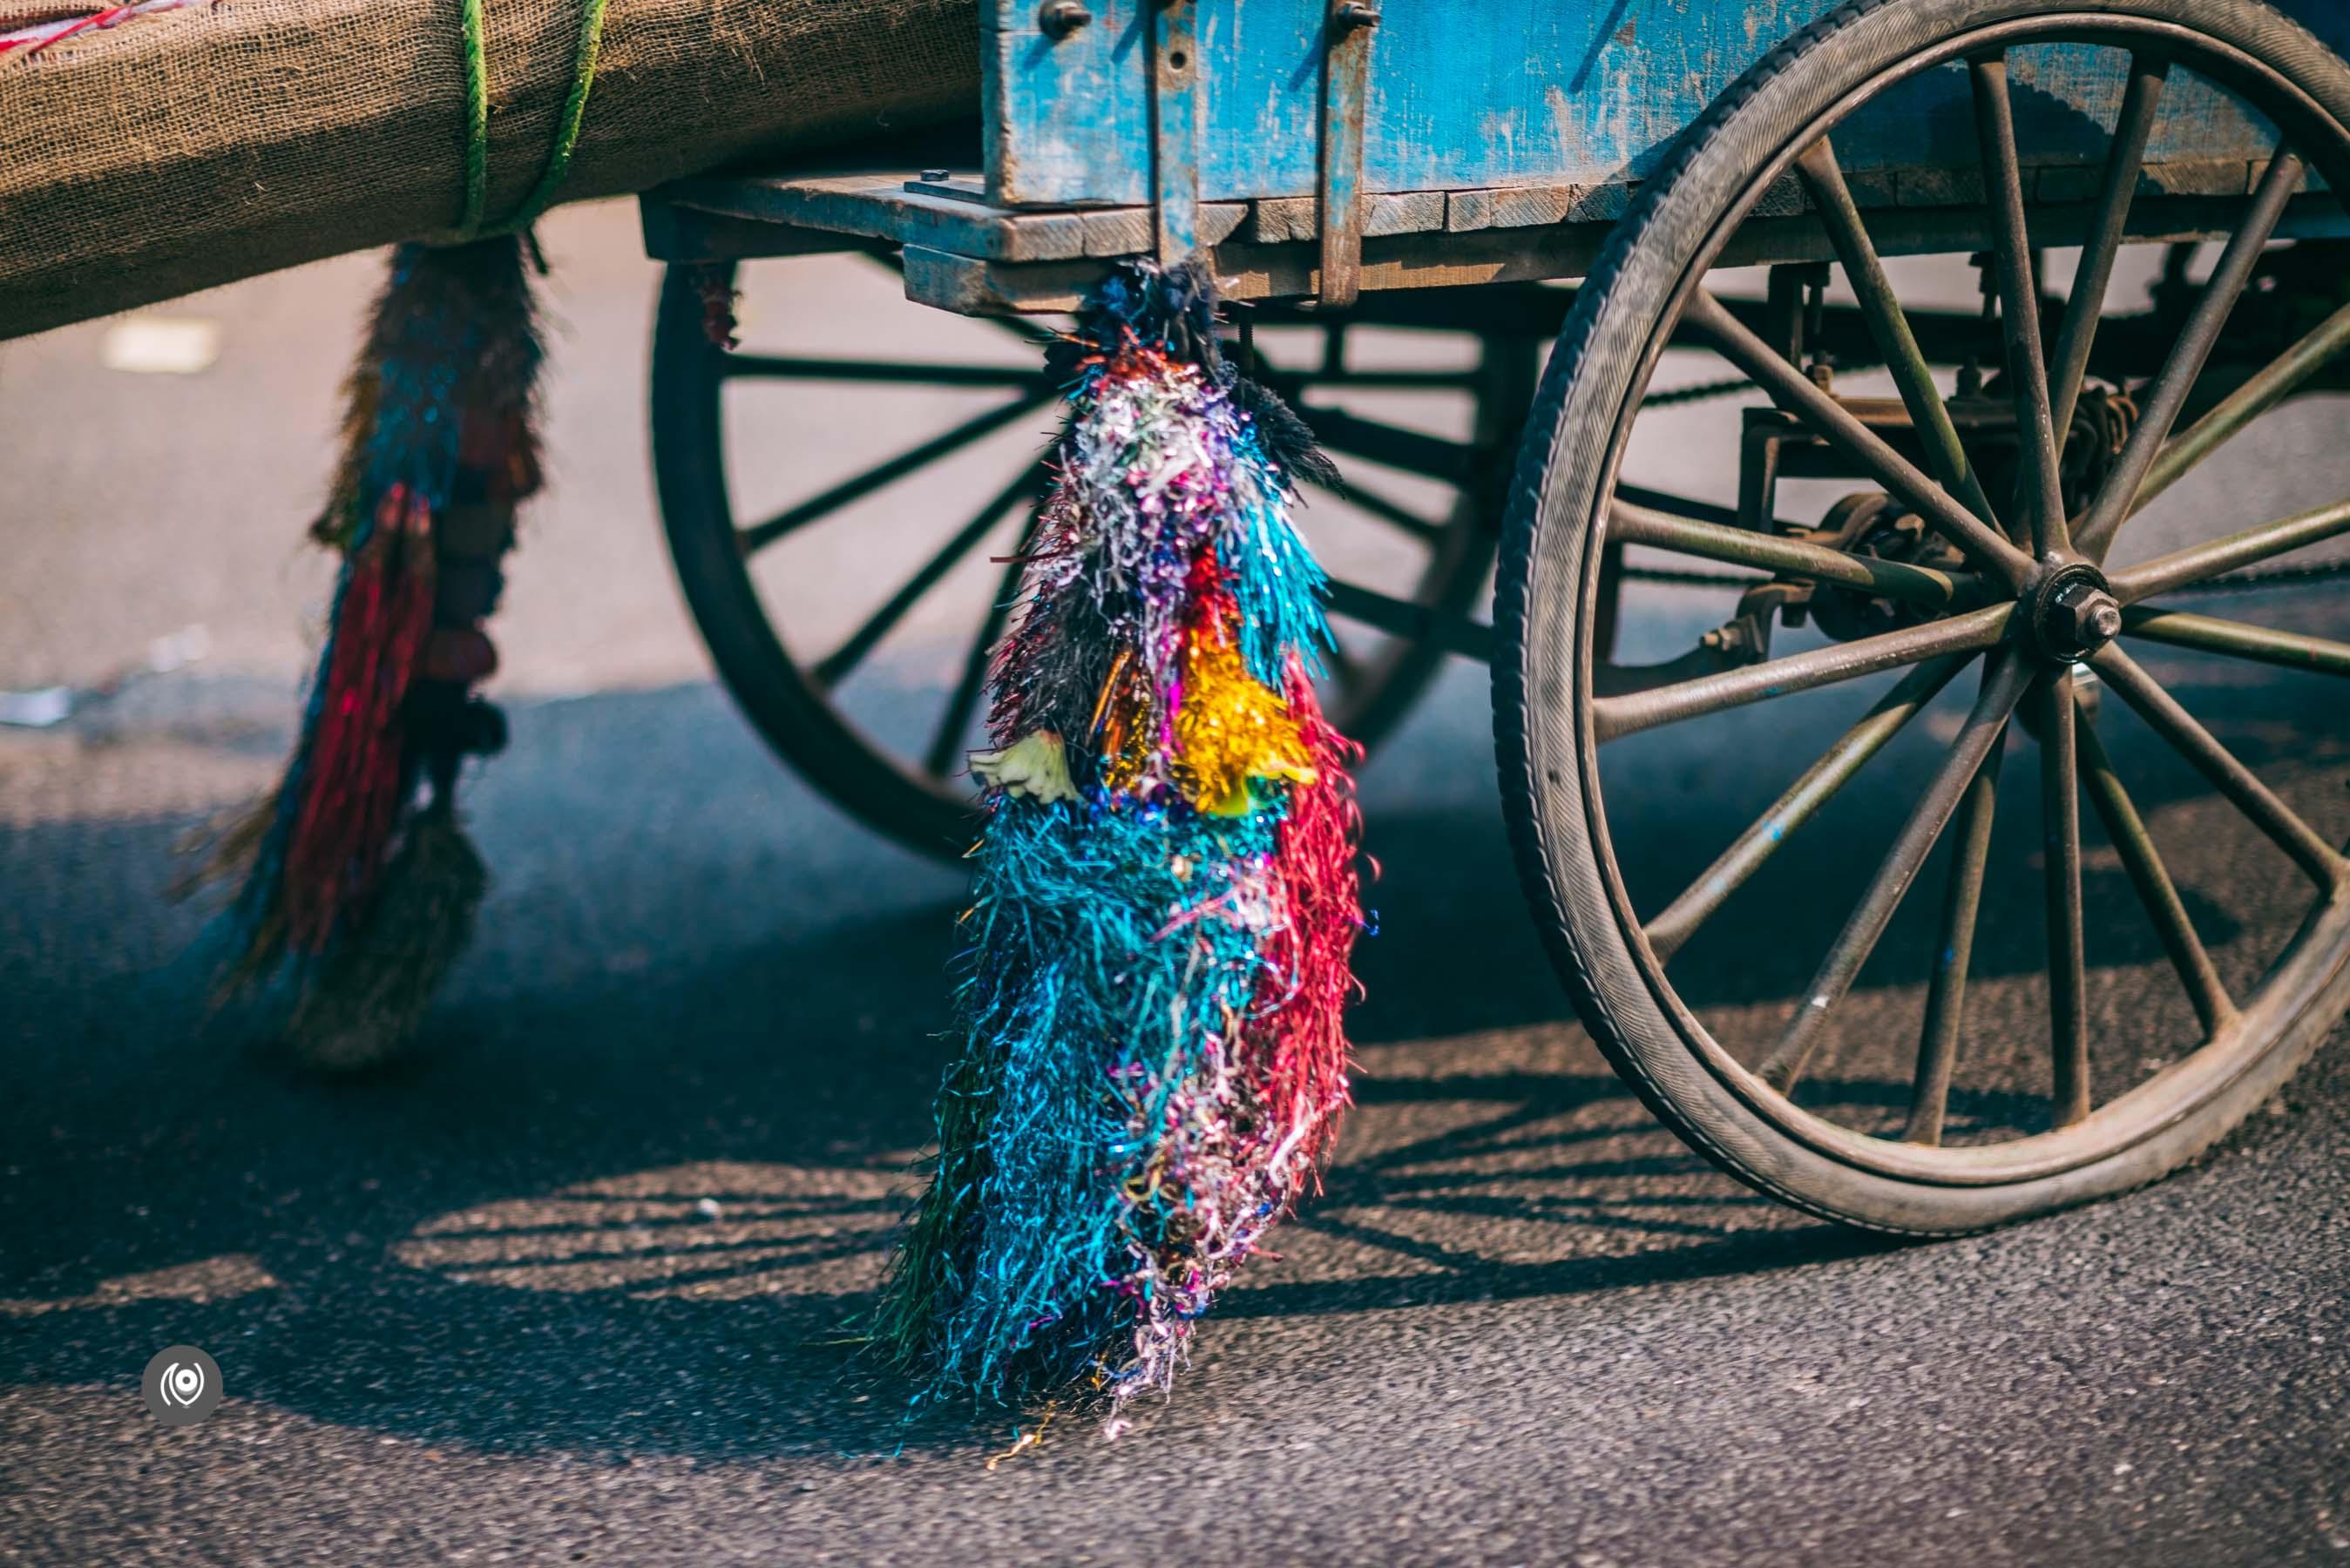 EyesForStreetStyle, India On The Road, Strret Style, Naina.co, Naina Redhu, Street Style Photographer